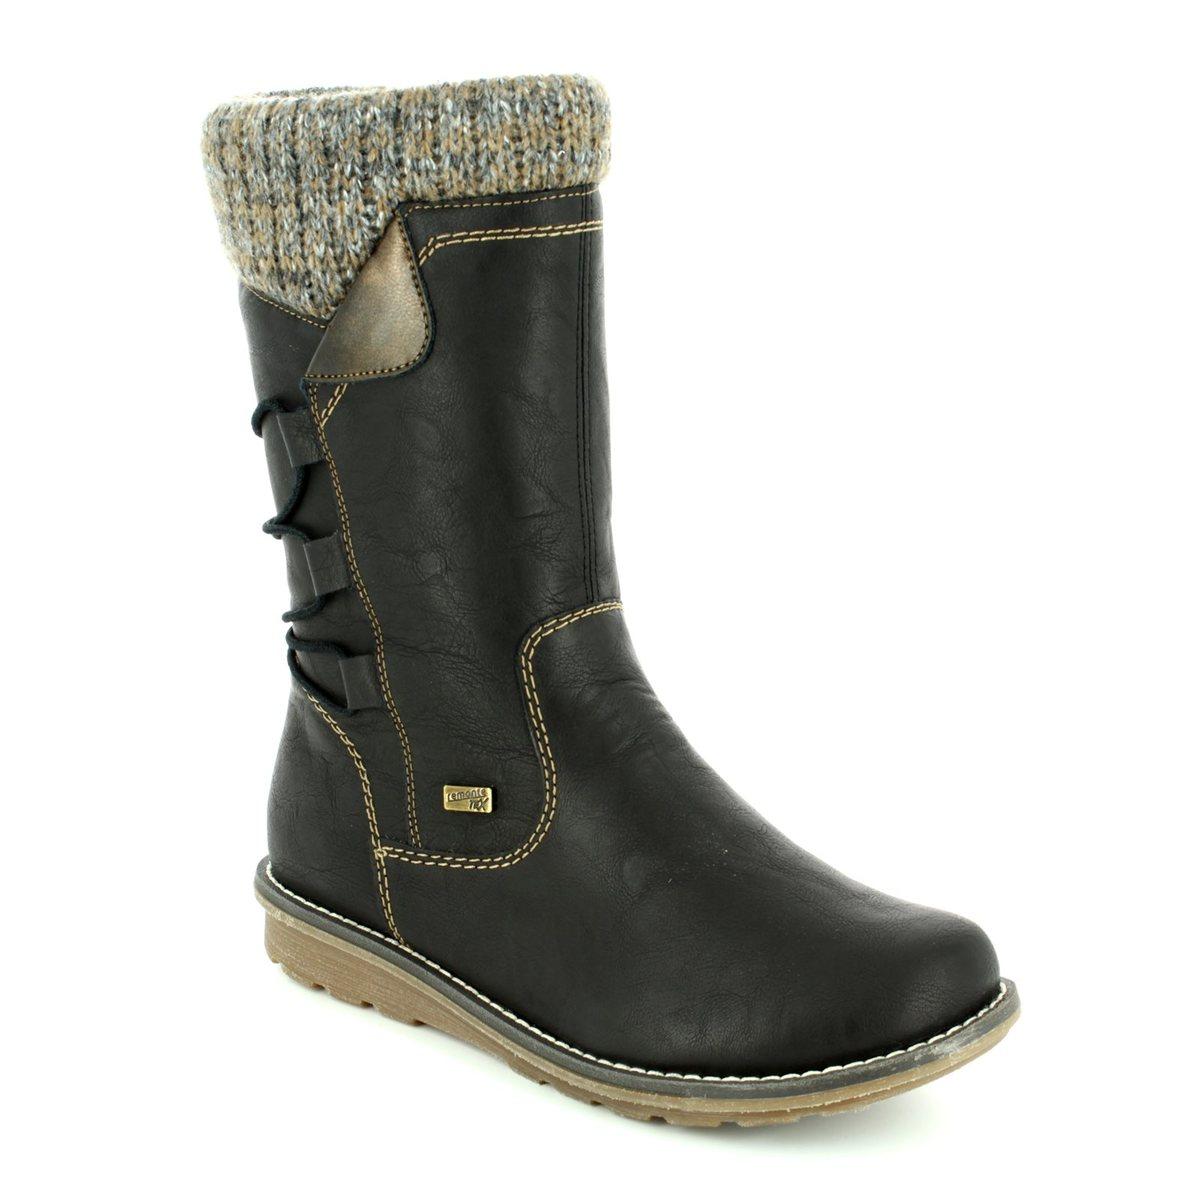 Garantie de satisfaction à 100% meilleur prix pour grande vente au rabais R1094-00 Astrishcuf Tex at Begg Shoes & Bags